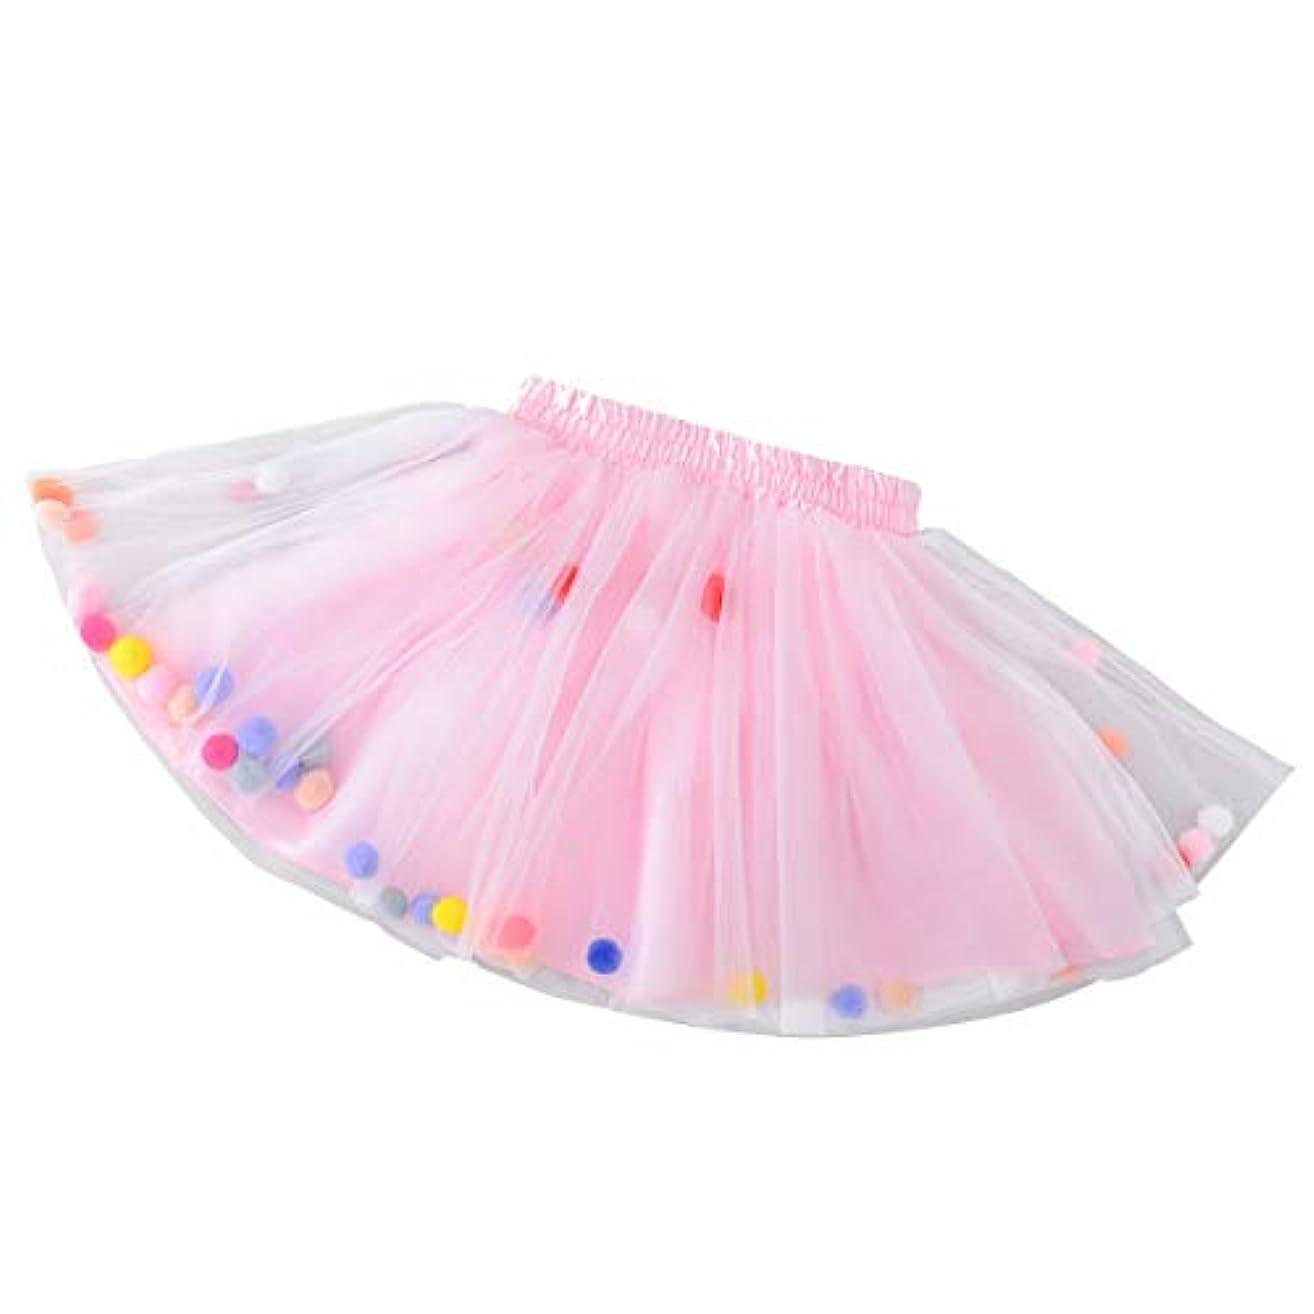 キャビンゴールデンゴールデンYeahiBaby 子供チュチュスカートラブリーピンクミディスカートカラフルなファジーボールガーゼスカートプリンセスドレス衣装用女の子(サイズl)